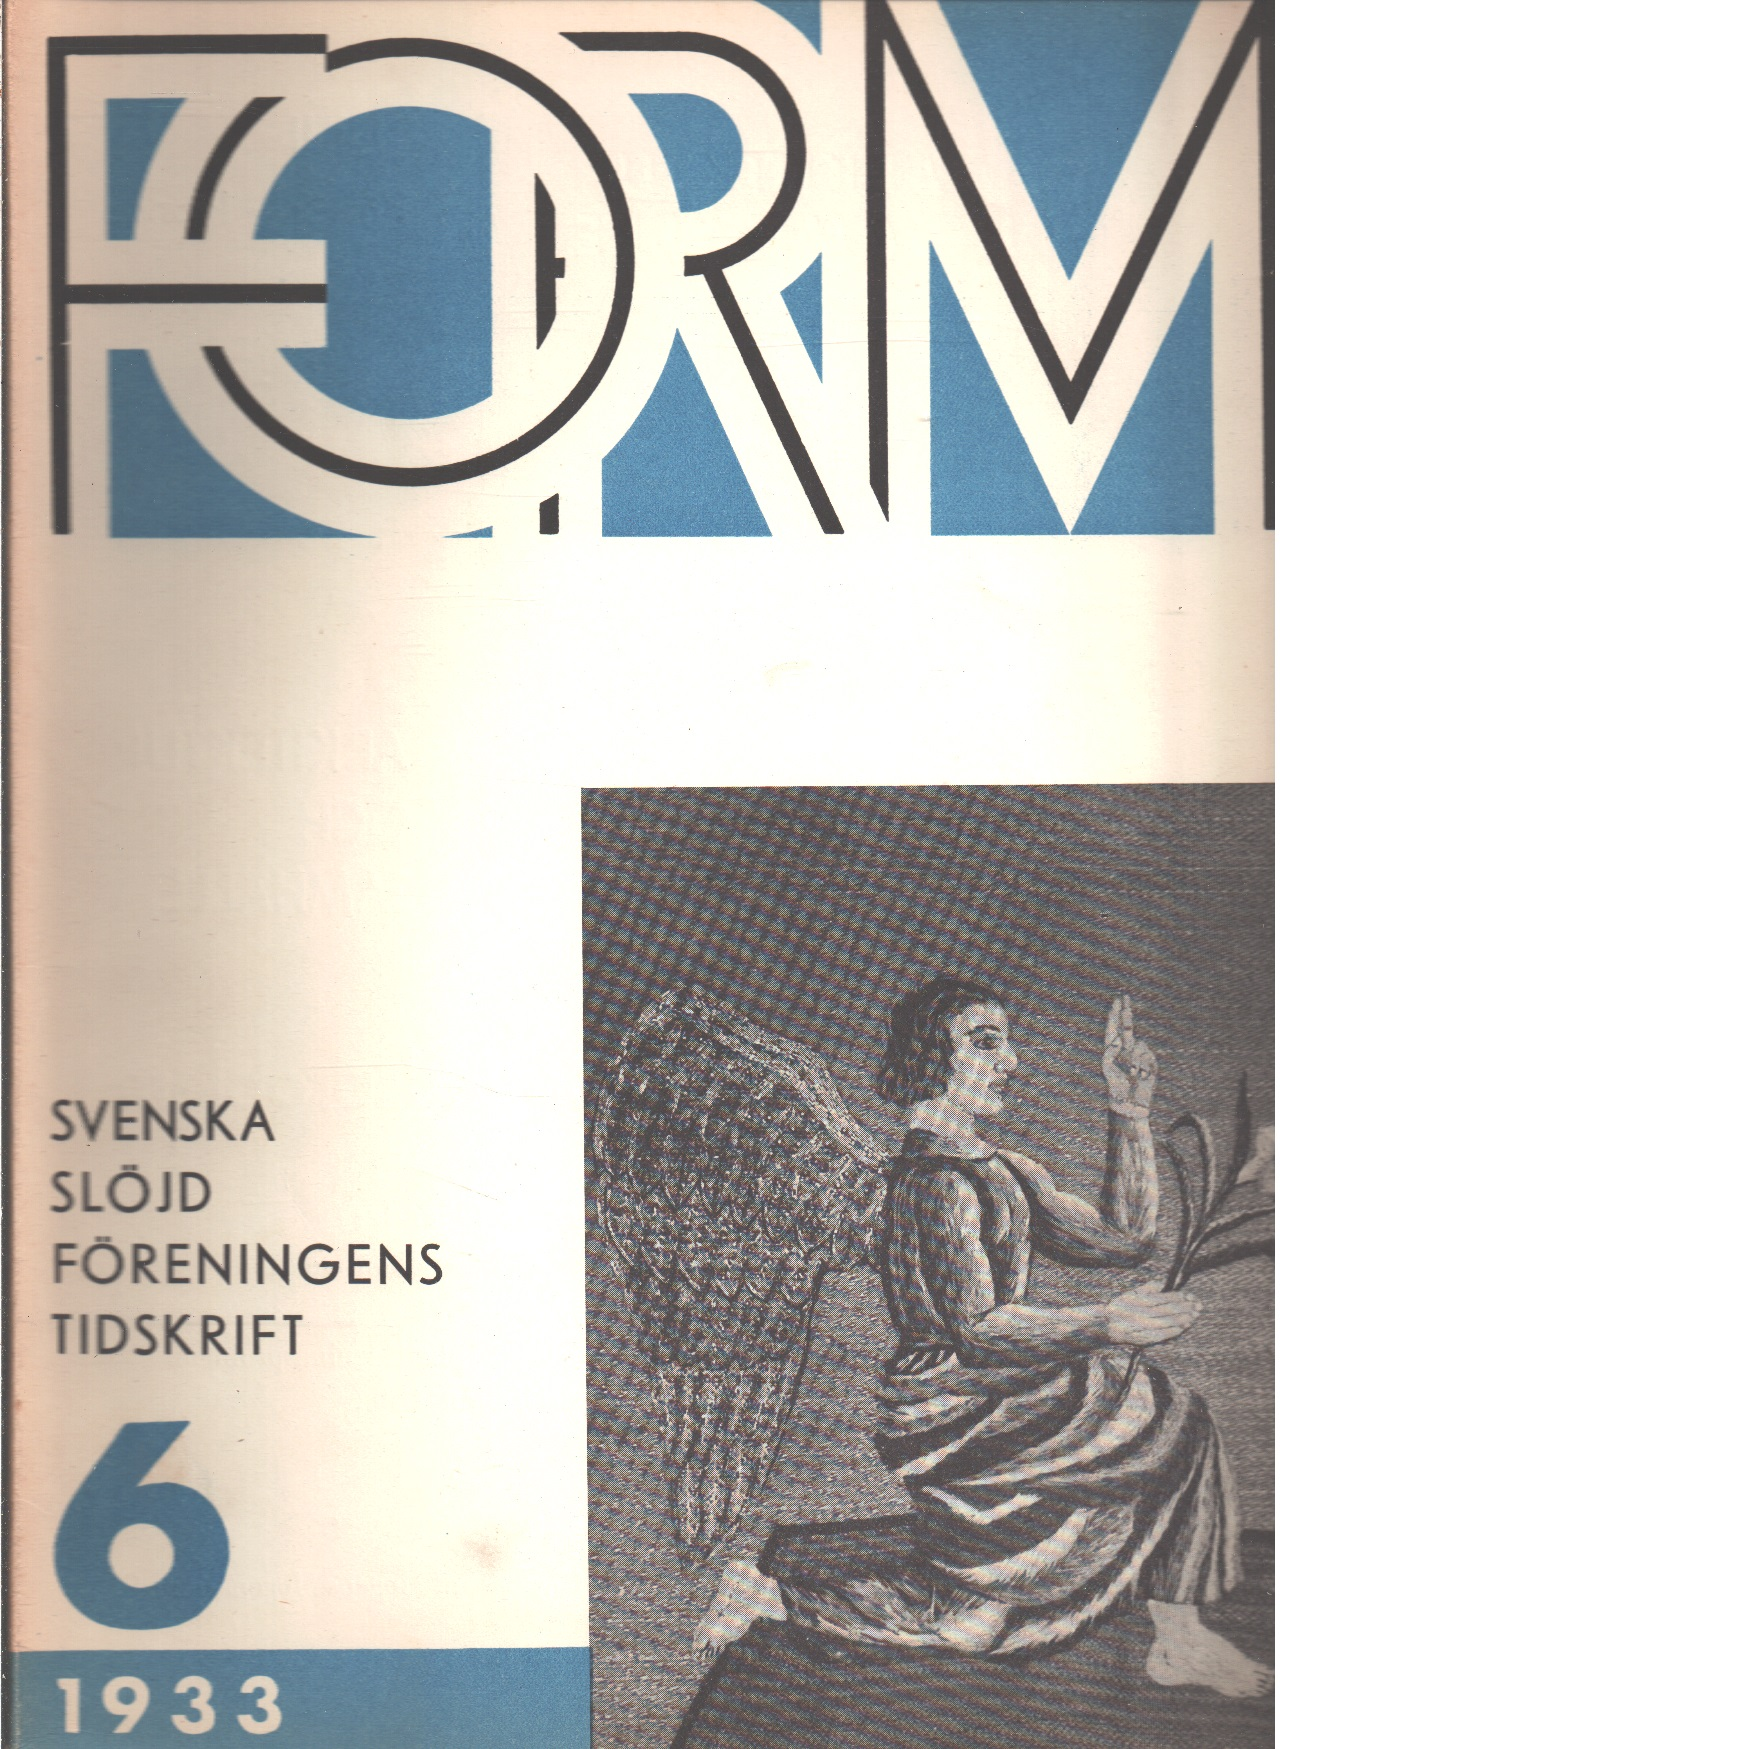 Form : Svenska slöjdföreningens tidskrift Nr 6 1933 - Red.